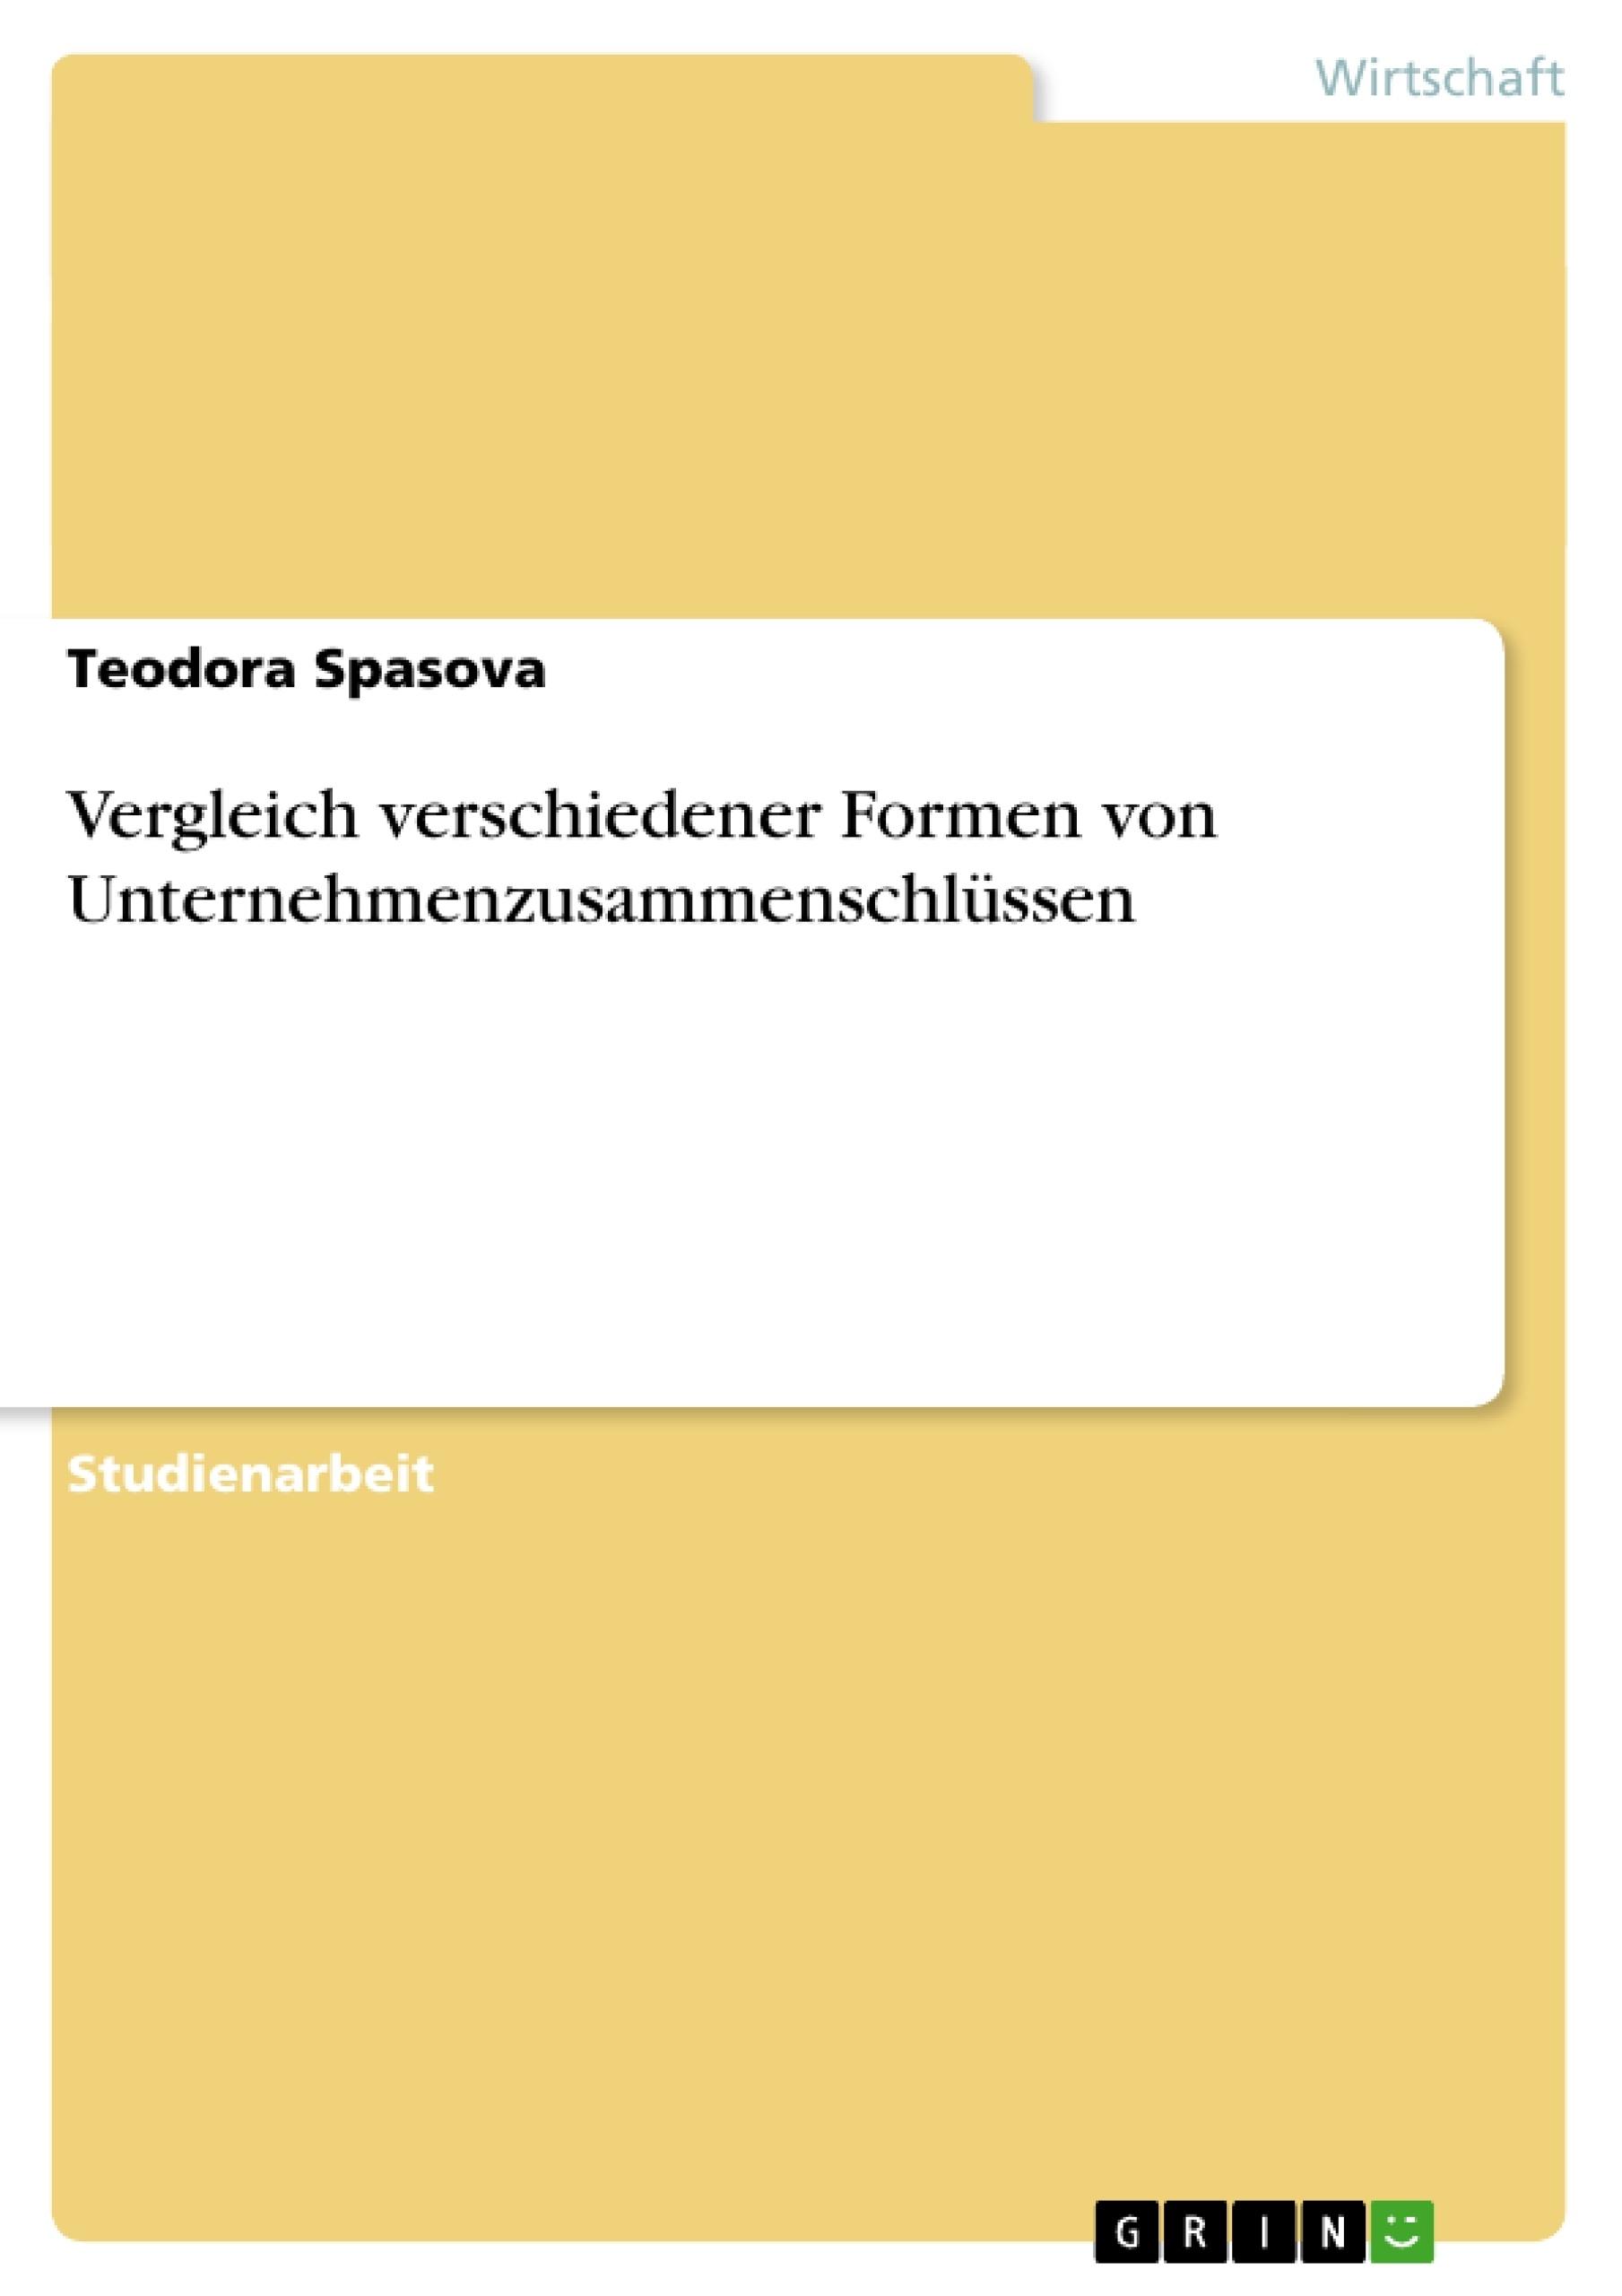 Titel: Vergleich verschiedener Formen von Unternehmenzusammenschlüssen